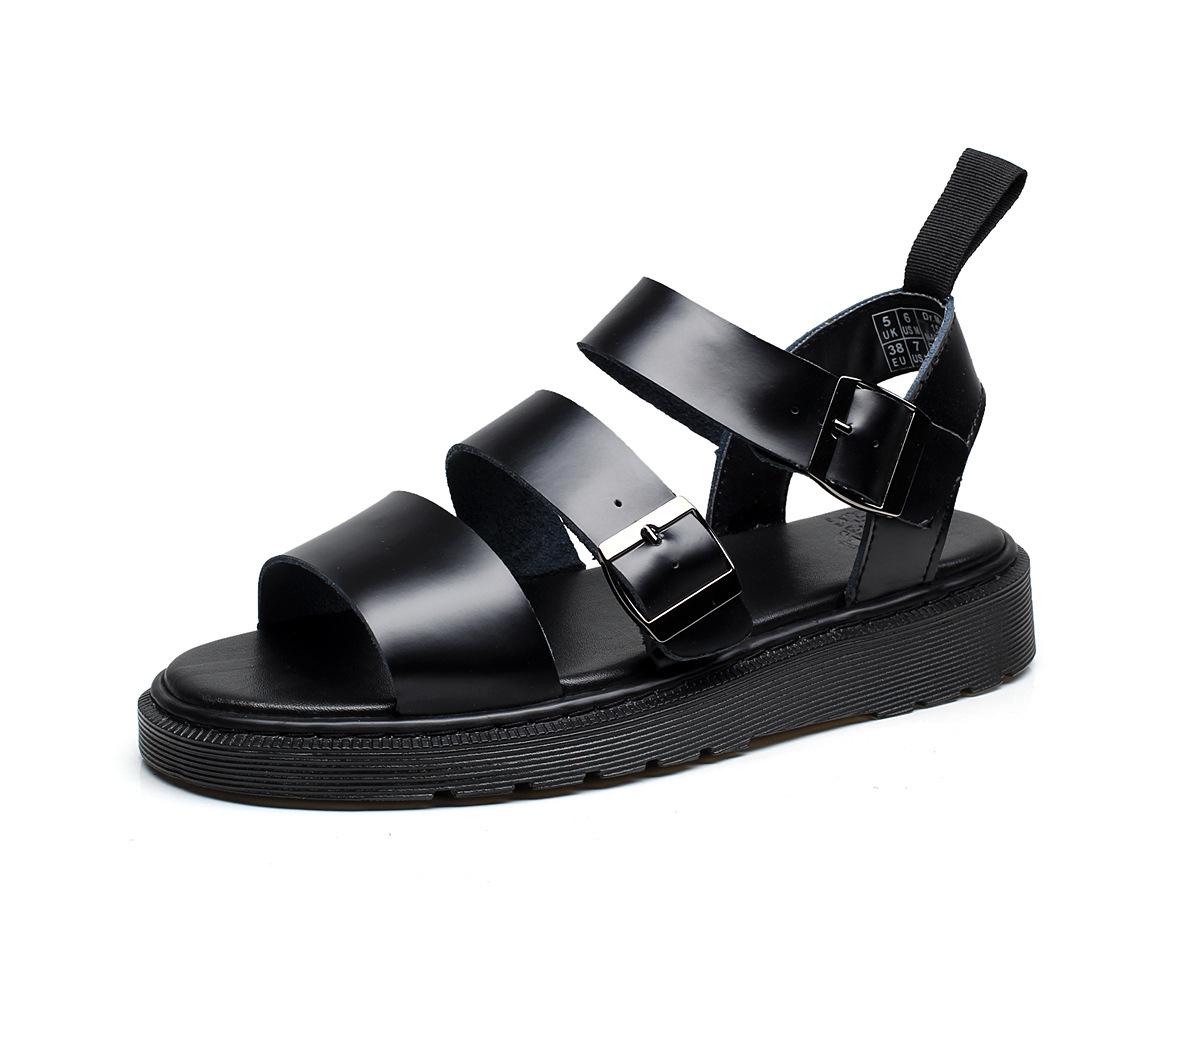 Giày dép sandal chất liệu da chống trượt .